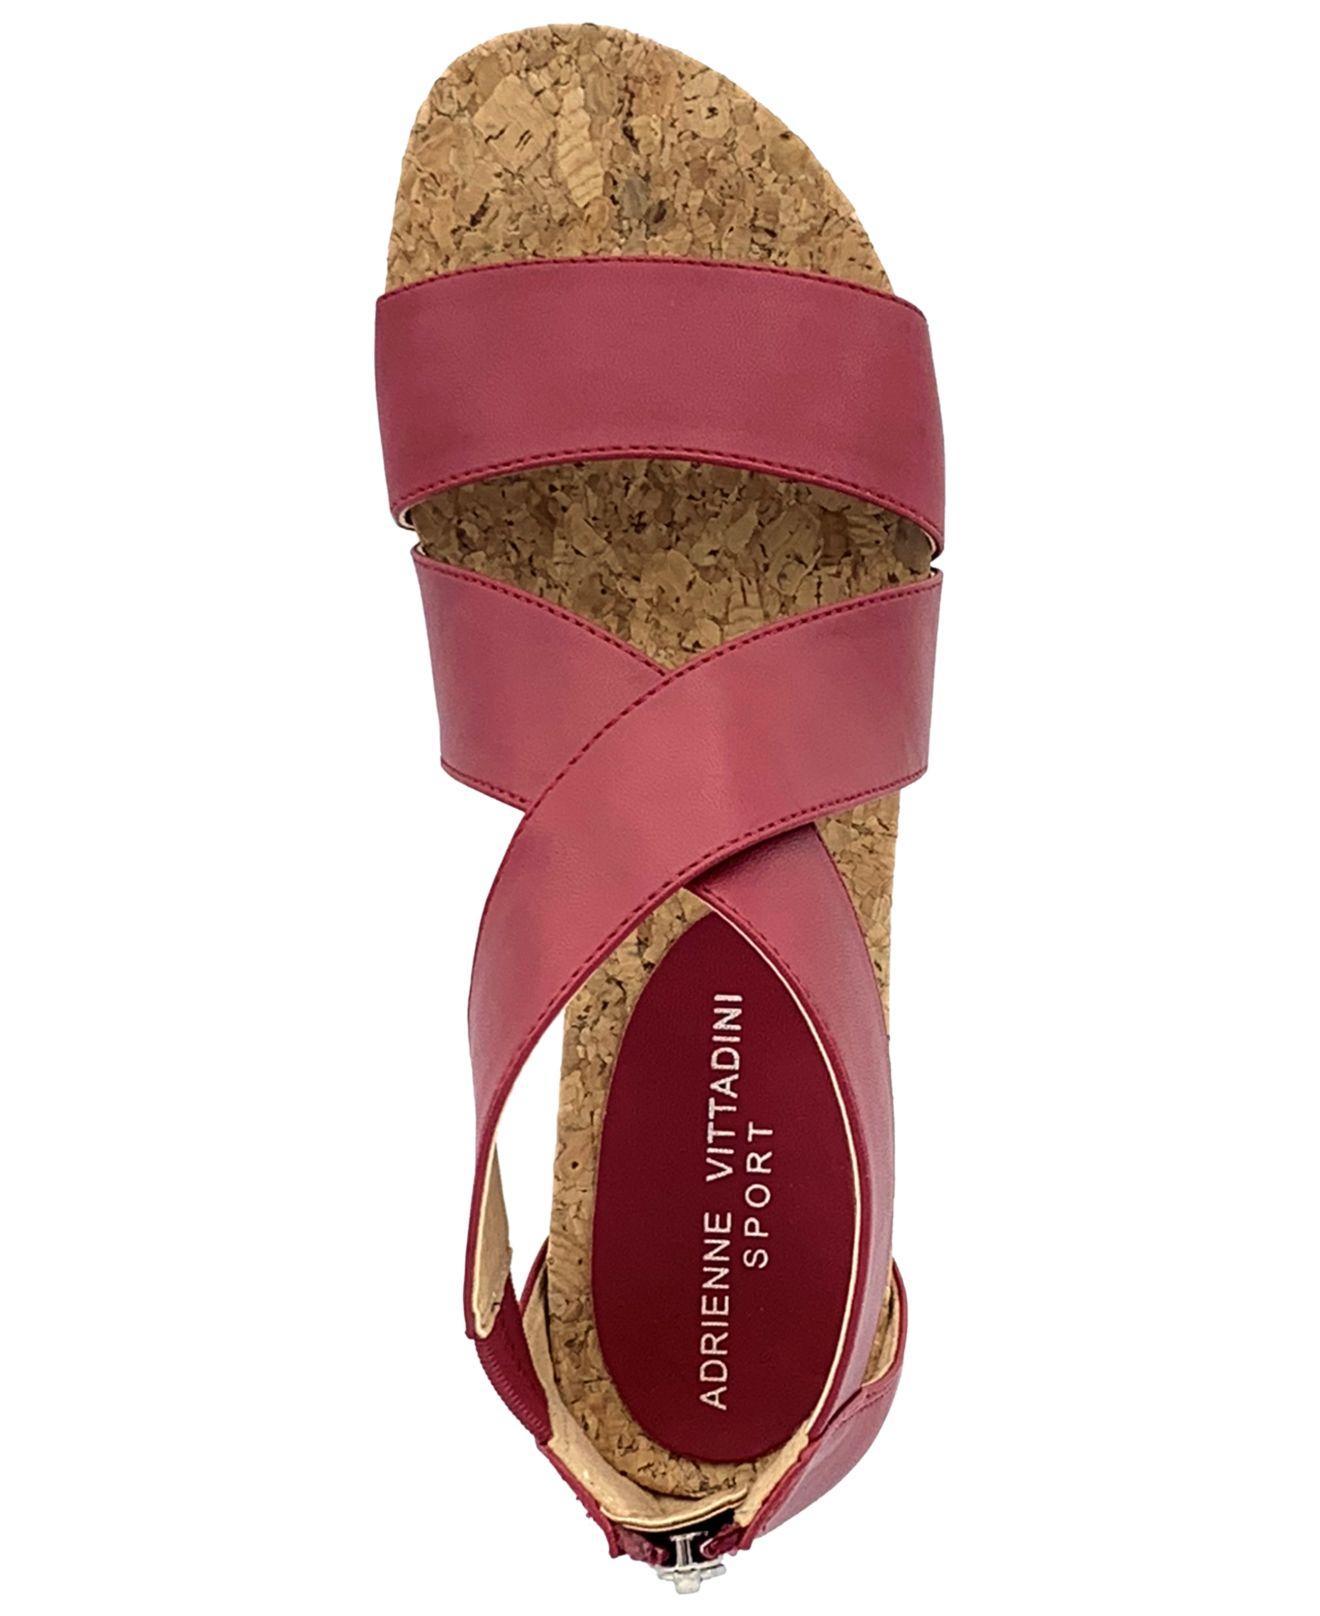 64d6f7339c84 Adrienne Vittadini - Red Cary Sport Sandals - Lyst. View fullscreen